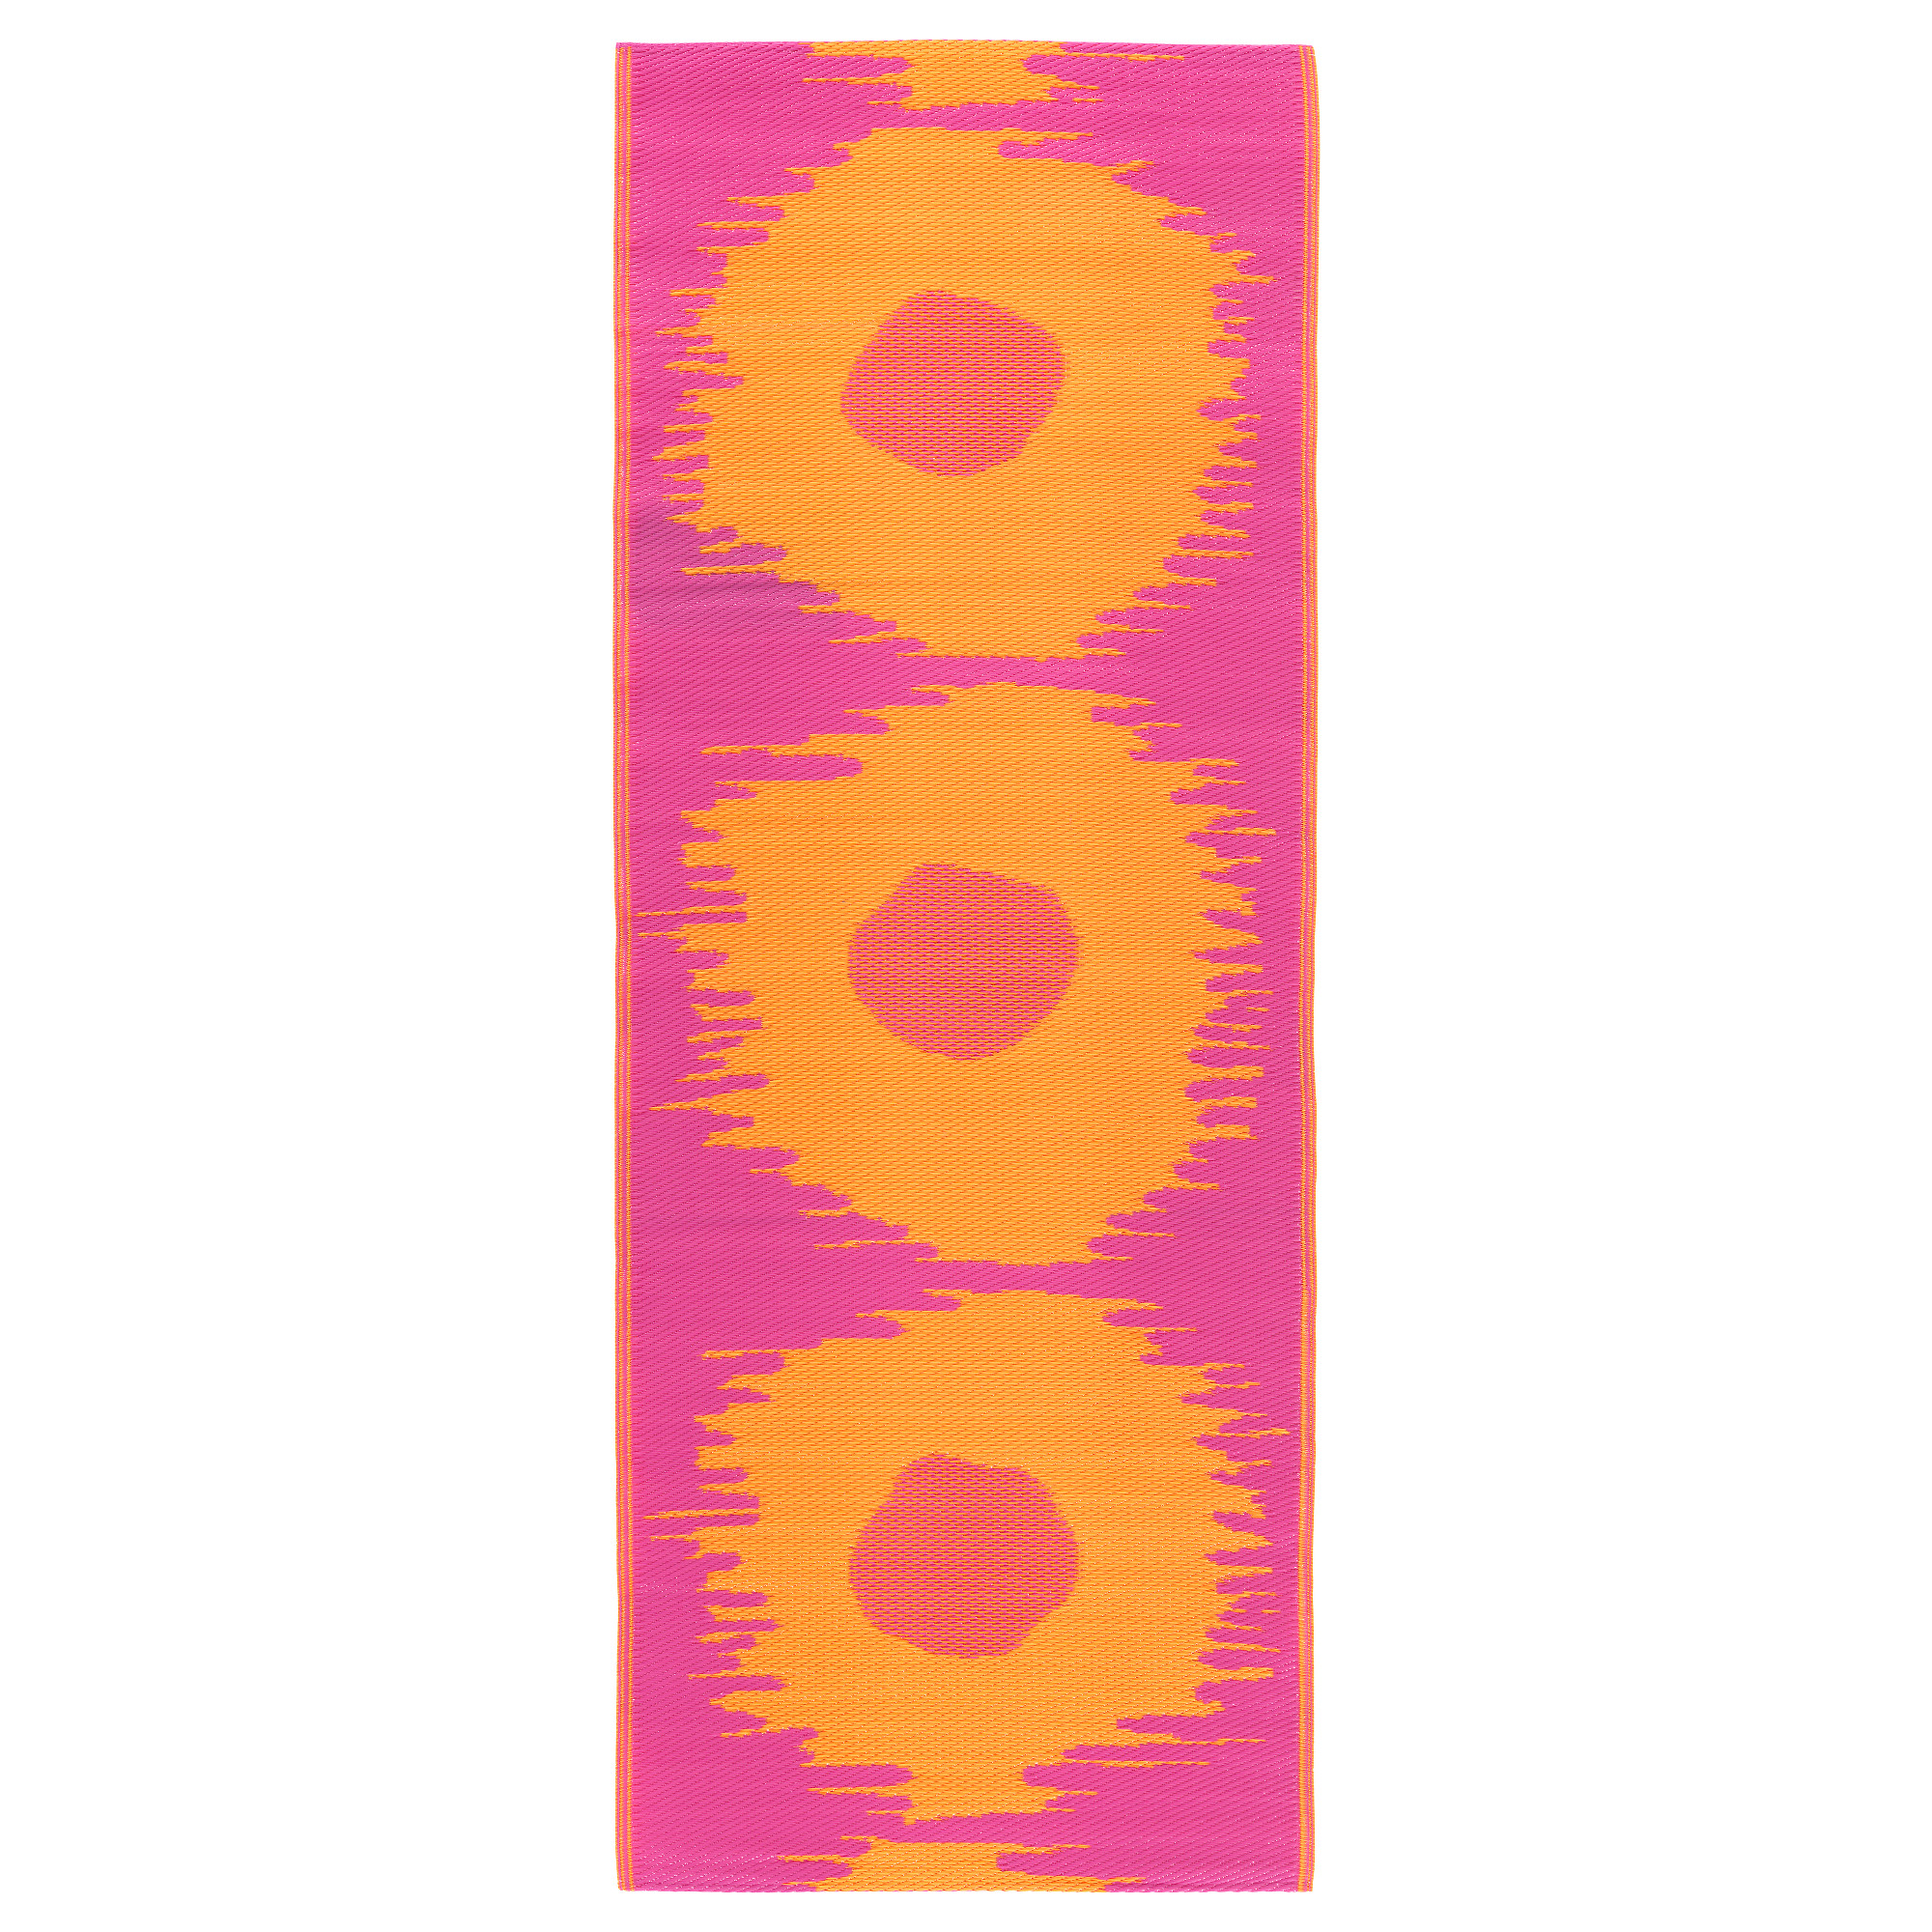 Ковер, безворсовый СОММАР 2017, д/дома/улицы розовый, оранжевый (75×200 см)